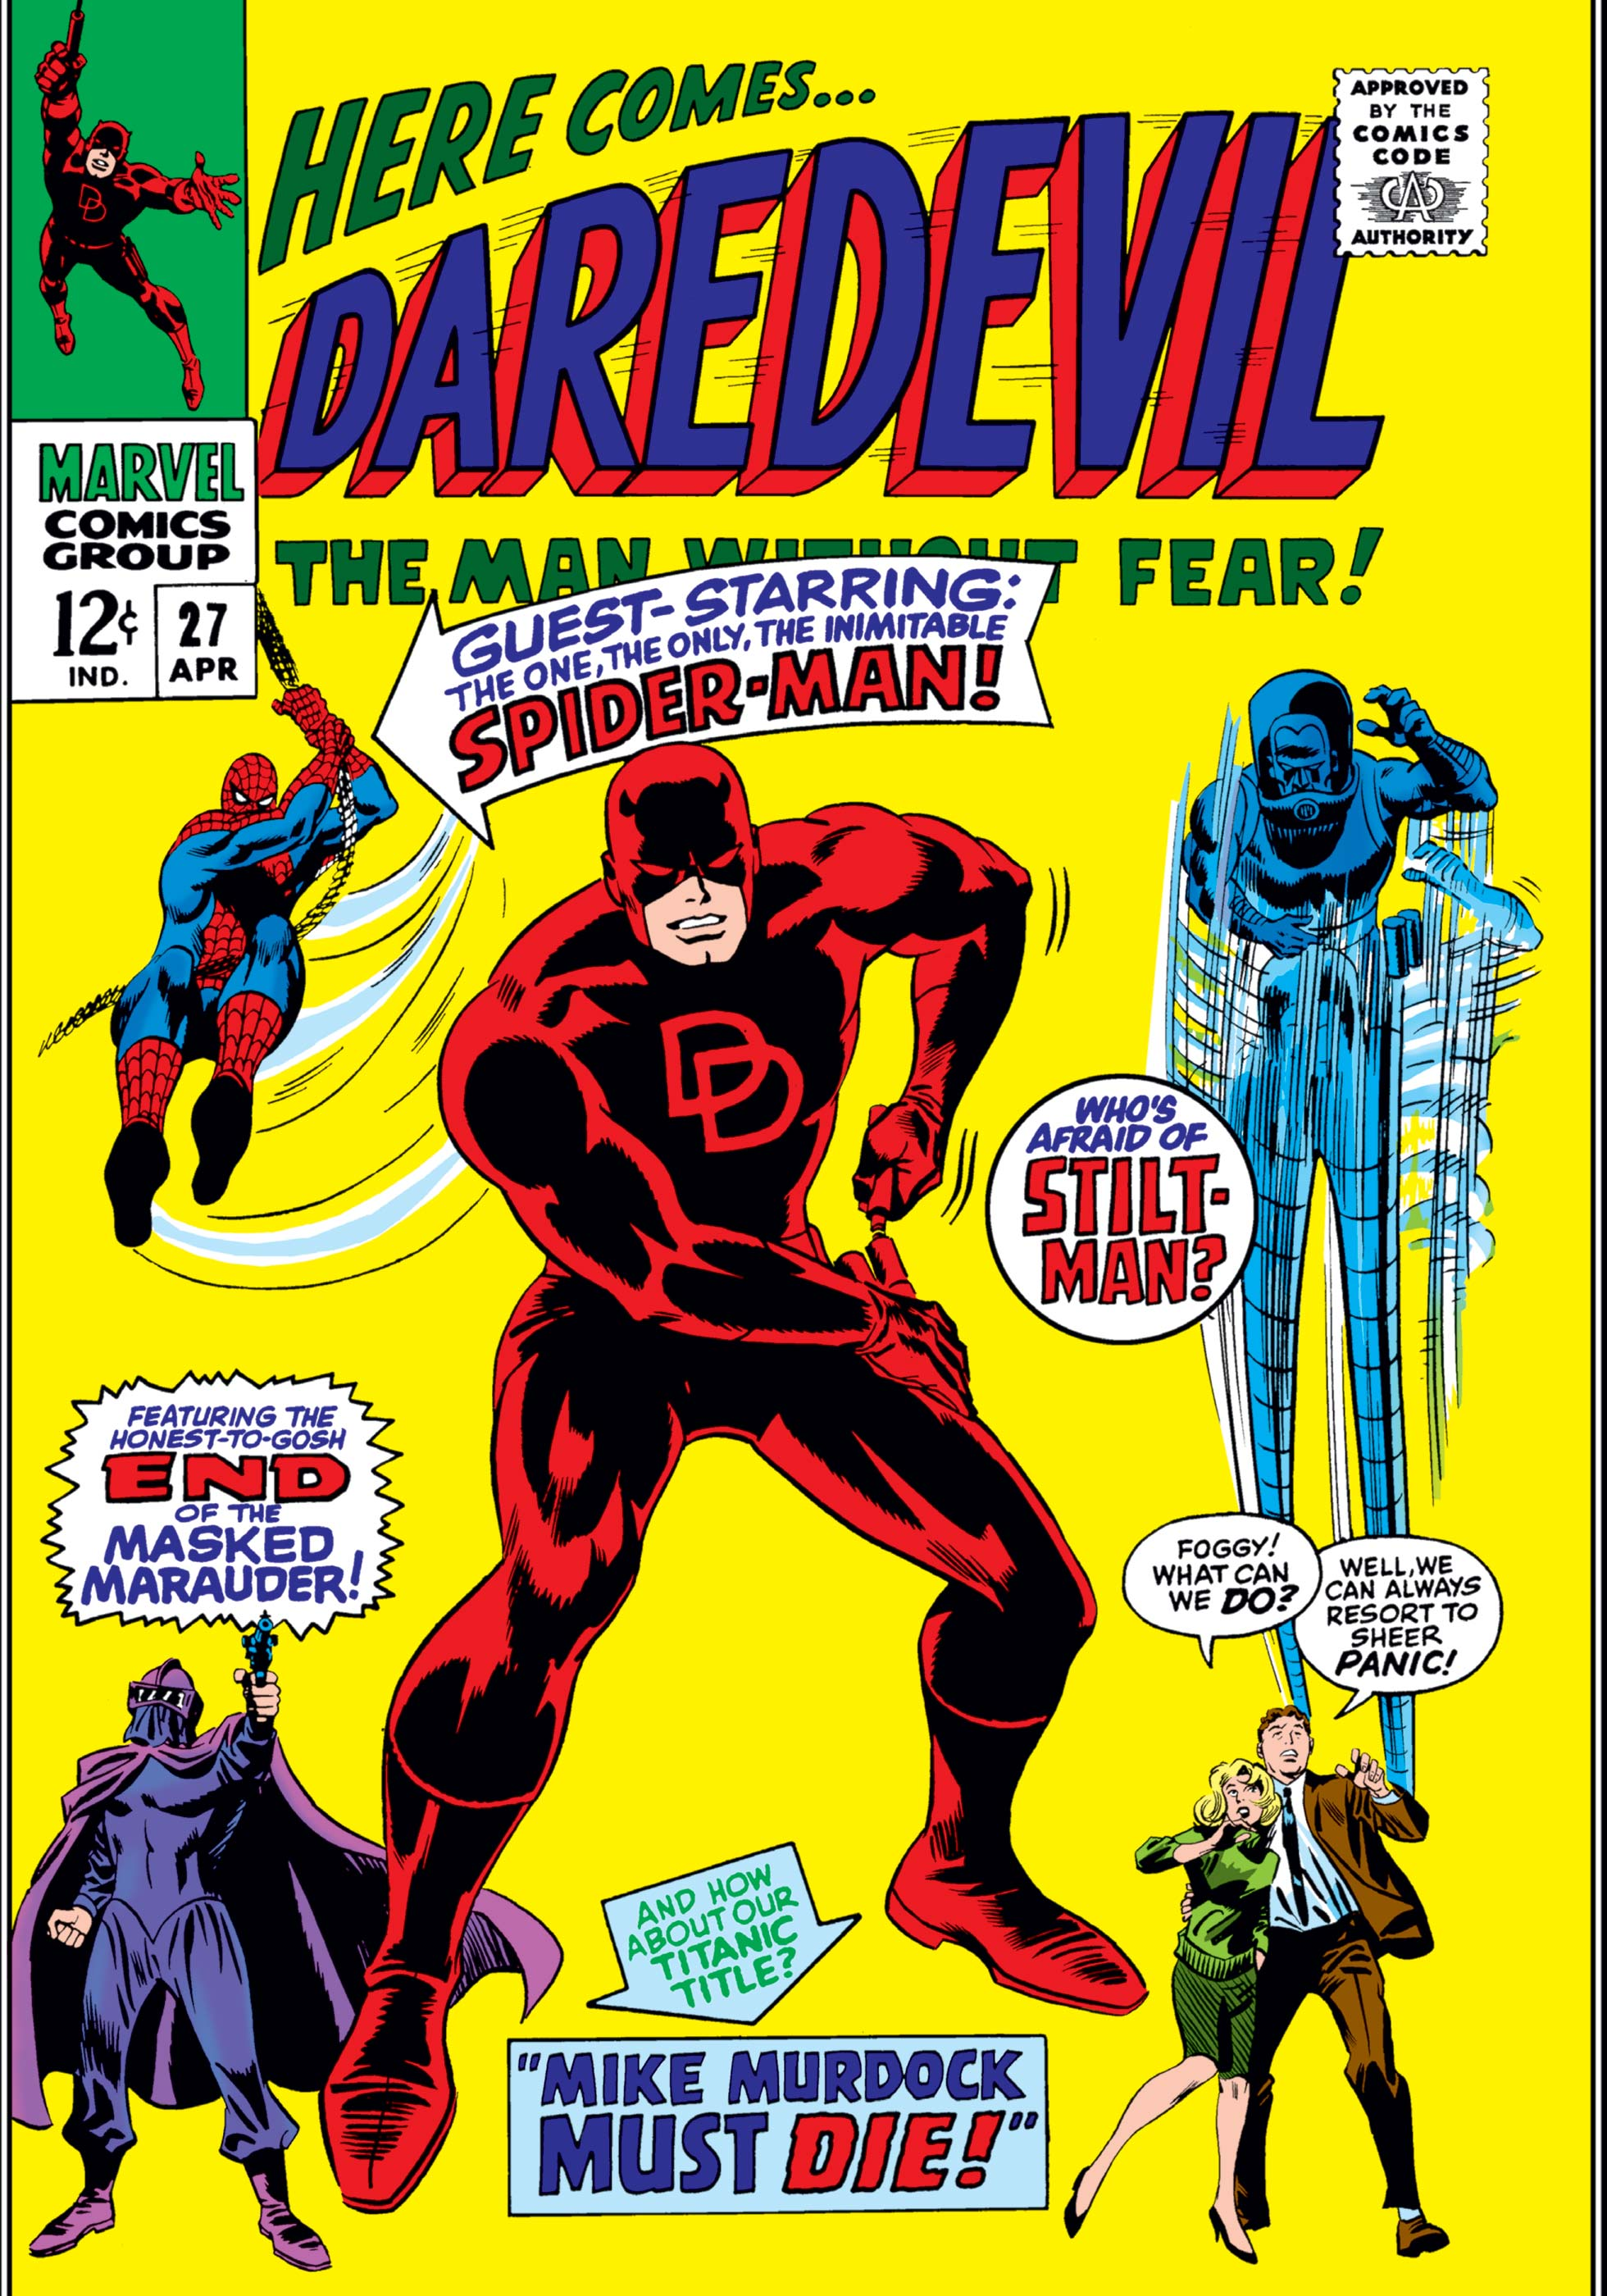 Daredevil (1964) #27